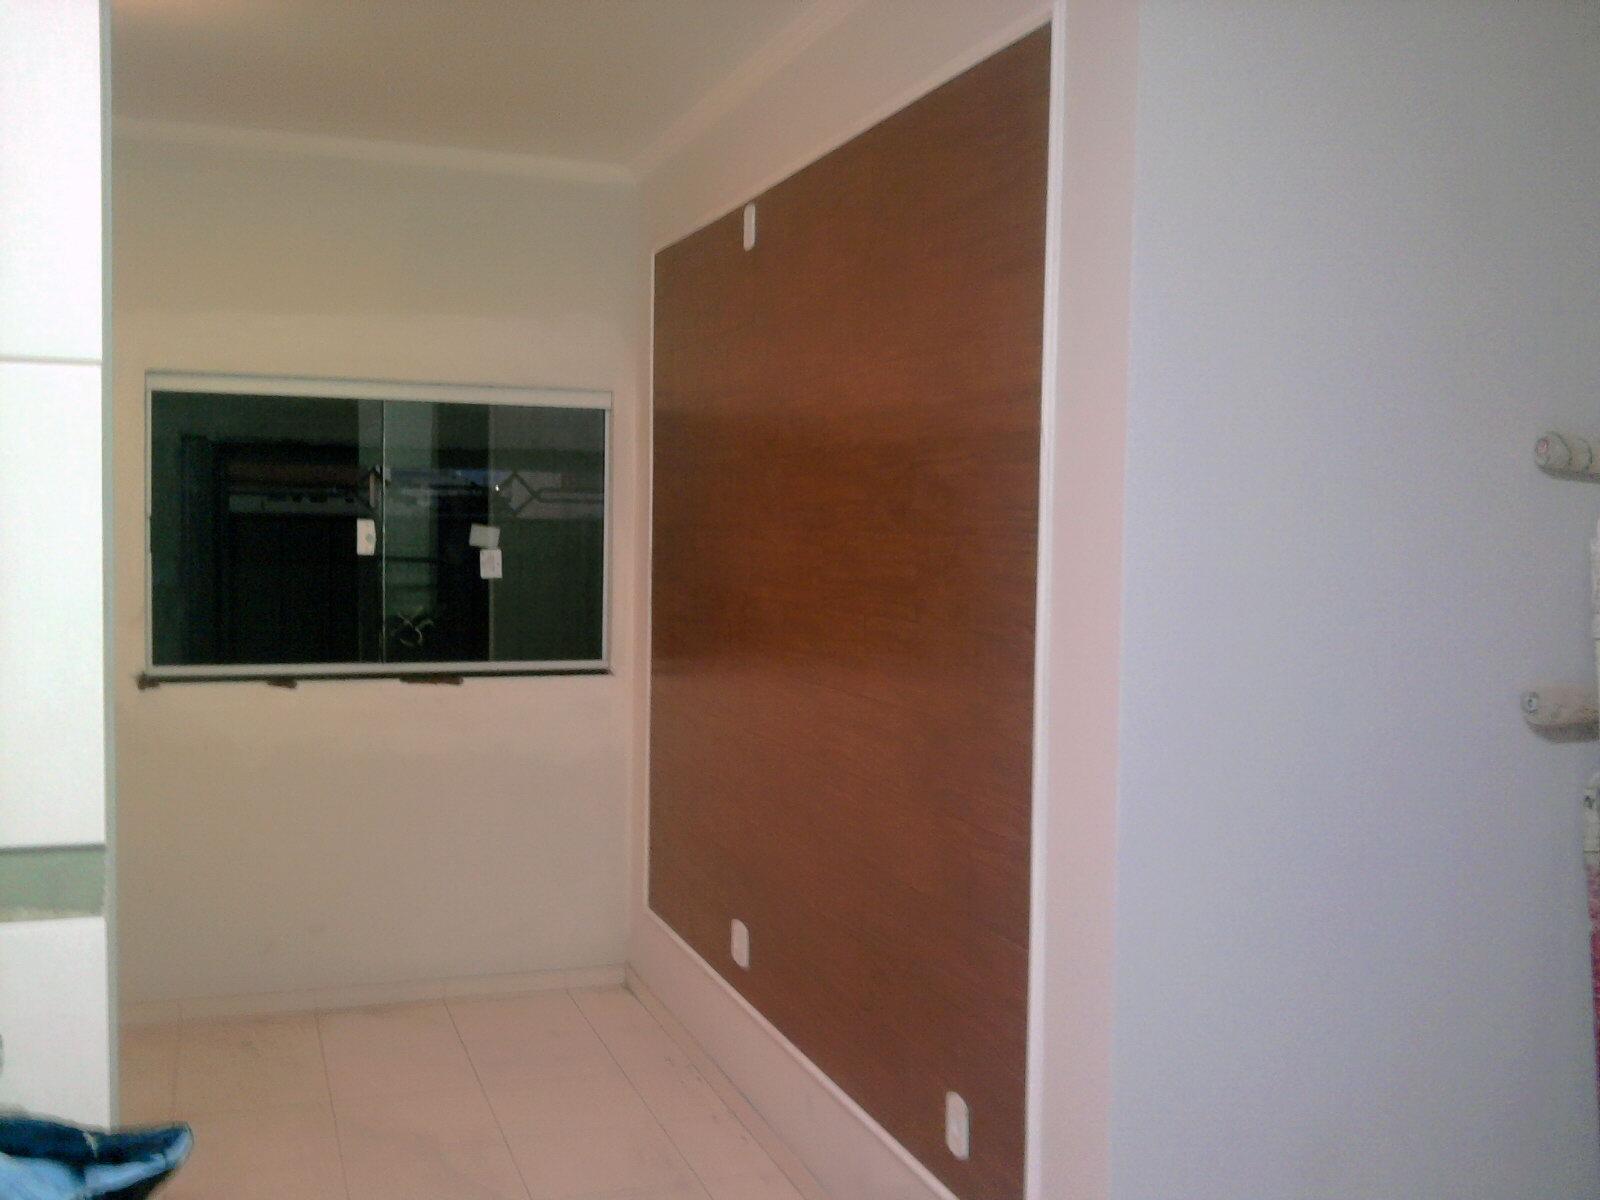 Painel da TV feito com porcelanato imitando madeira #683D2A 1600x1200 Banheiro Com Piso Porcelanato Imitando Madeira